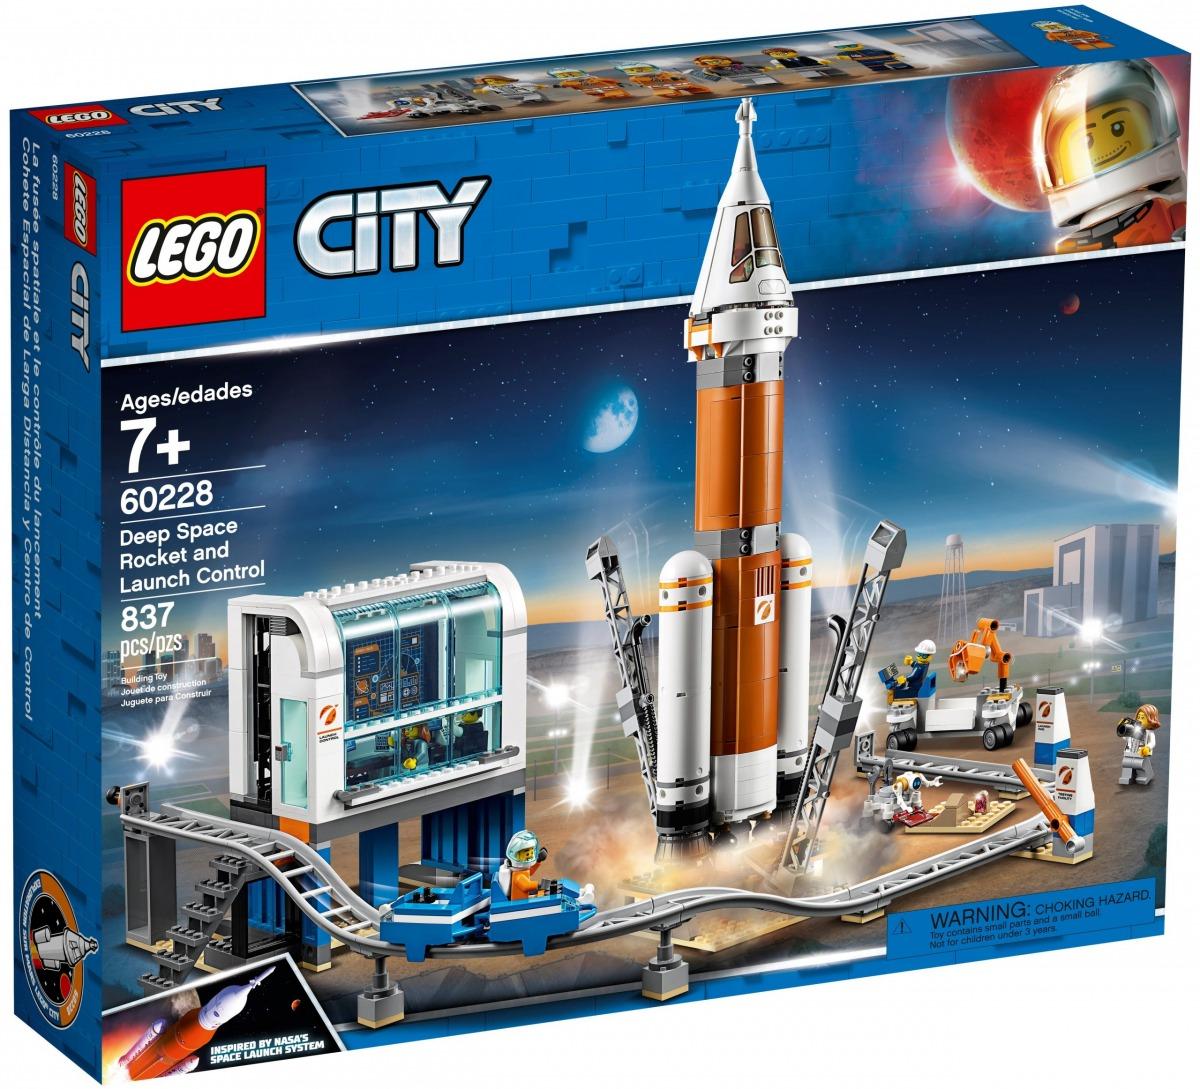 lego 60228 rymdraket och uppskjutningskontroll scaled